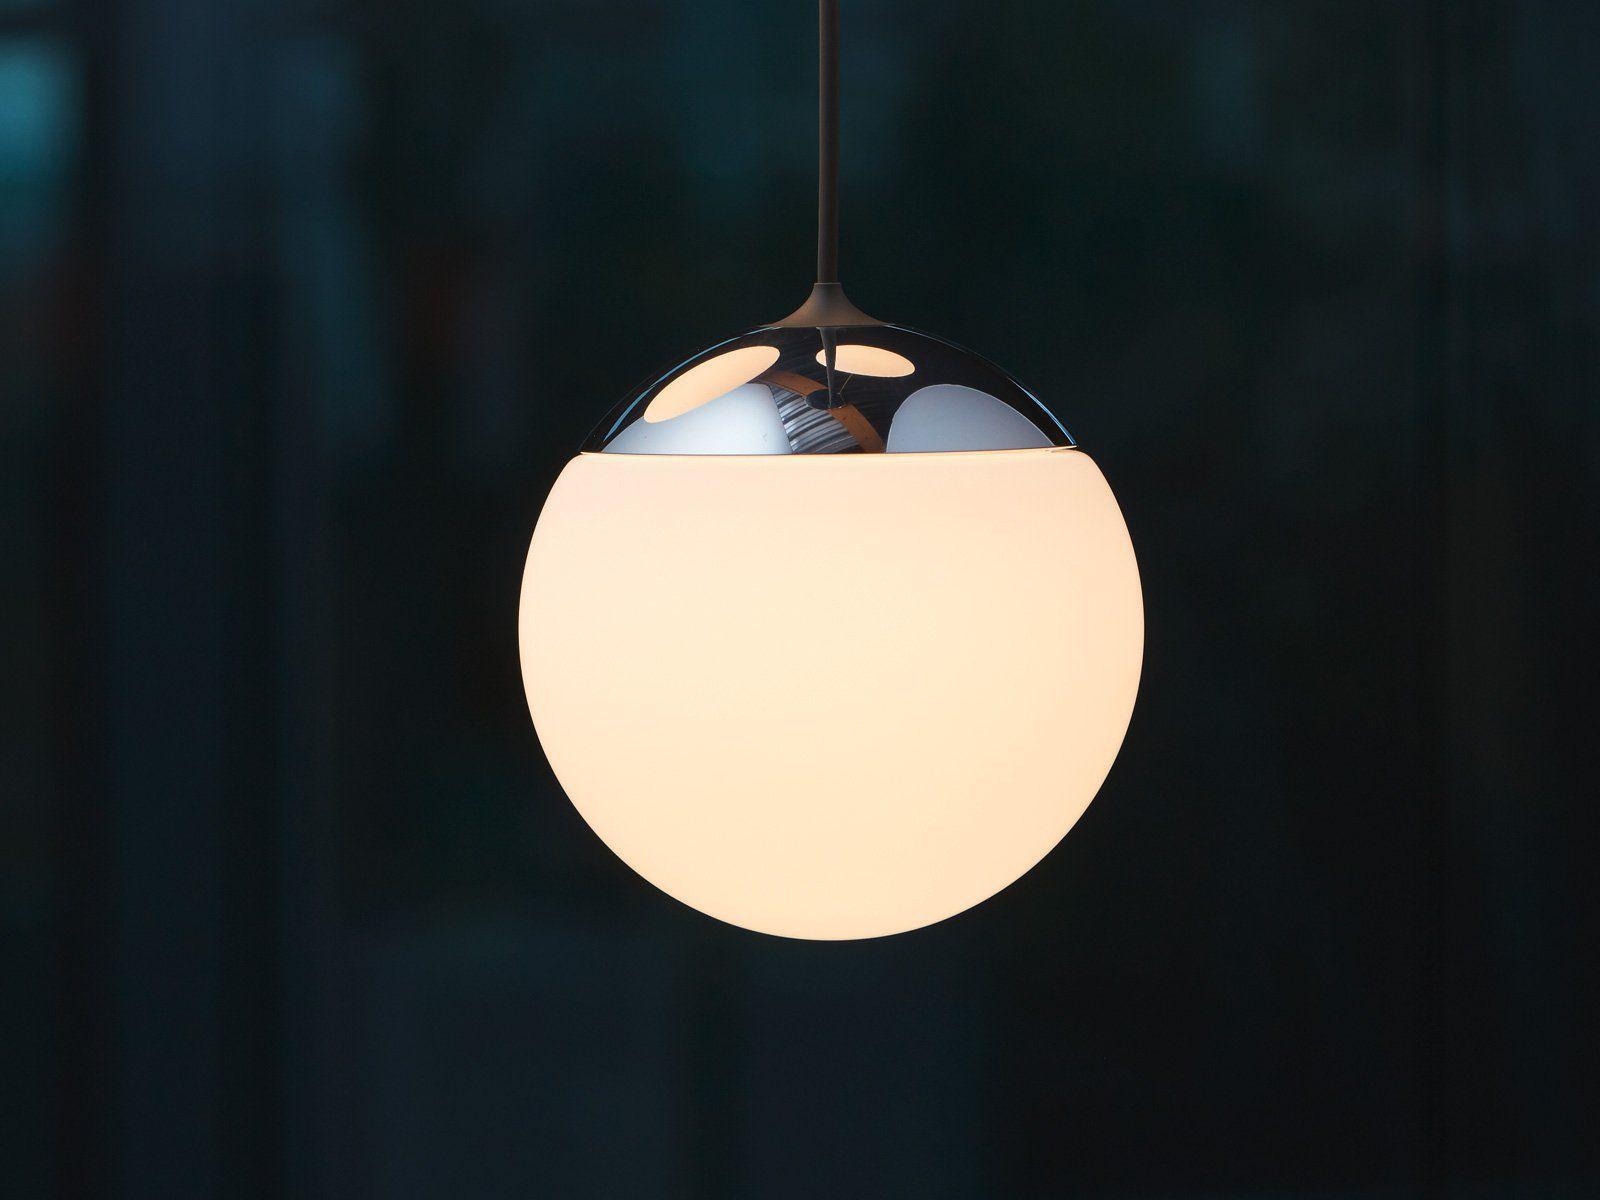 Lampada a sospensione moderna in vetro soffiato dimmerabile